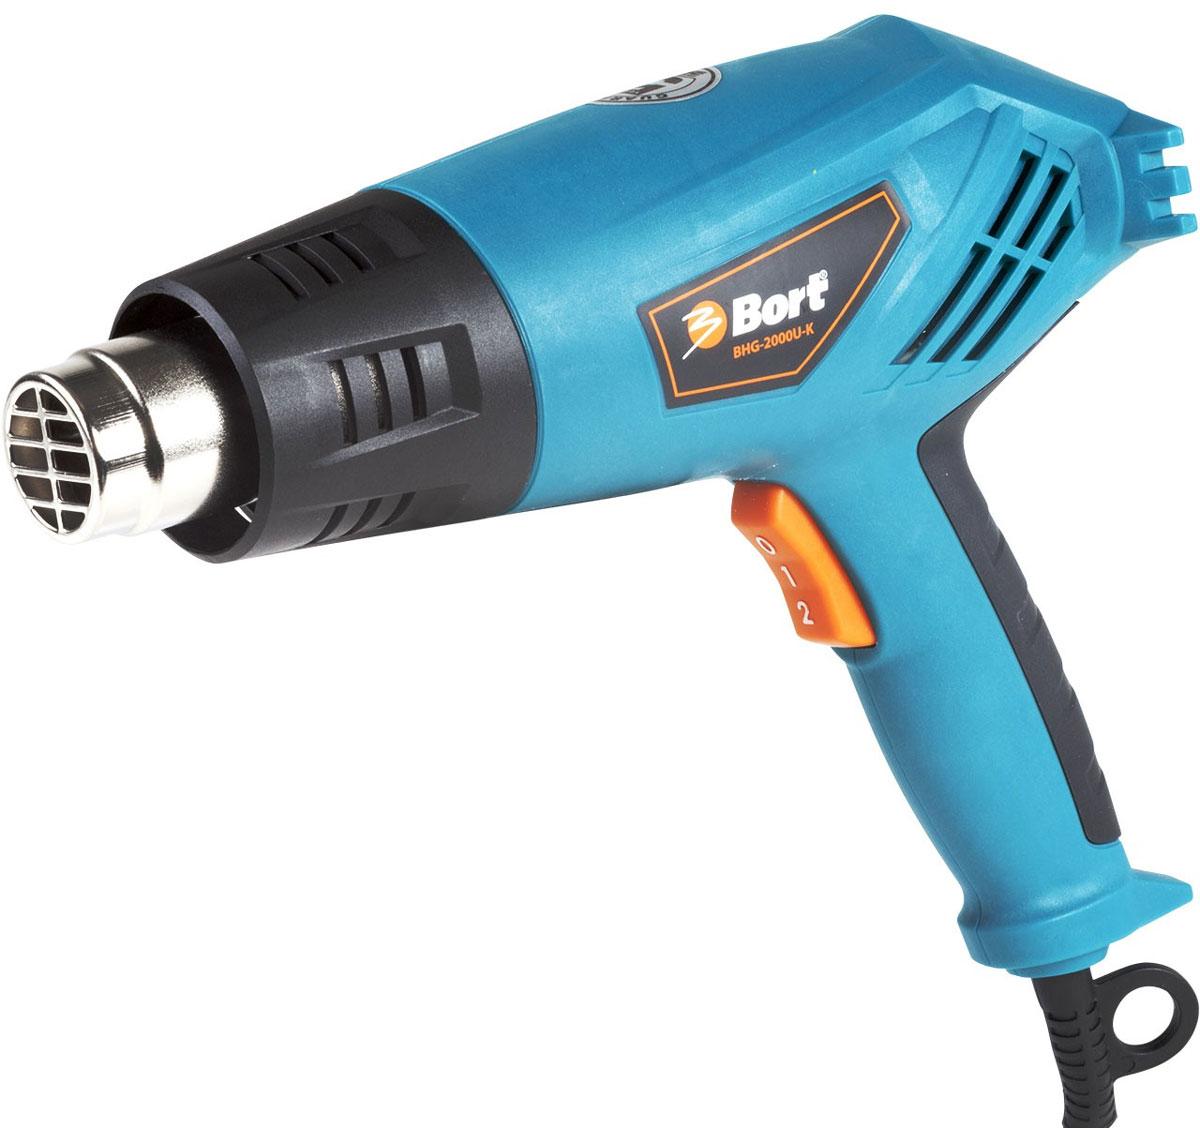 Строительный фен Bort BHG-2000U-KBHG-2000U-KТехнический фен Bort BHG-2000U-K поможет быстро и качественно снять старую масляную краску с деревянных поверхностей, высушить небольшой объект, нагреть термоусадочную трубку. Фен имеет два режима работы и устройство, защищающее от перегрева. Фен отличается оригинальным дизайном, конструкция рукоятки предохраняет руку пользователя от контакта с обрабатываемой поверхностью. Выпуклая форма сопла исключает возможность его перекрытия при работе. Возможность вертикальной установки 2 режима работы Термопредохранитель